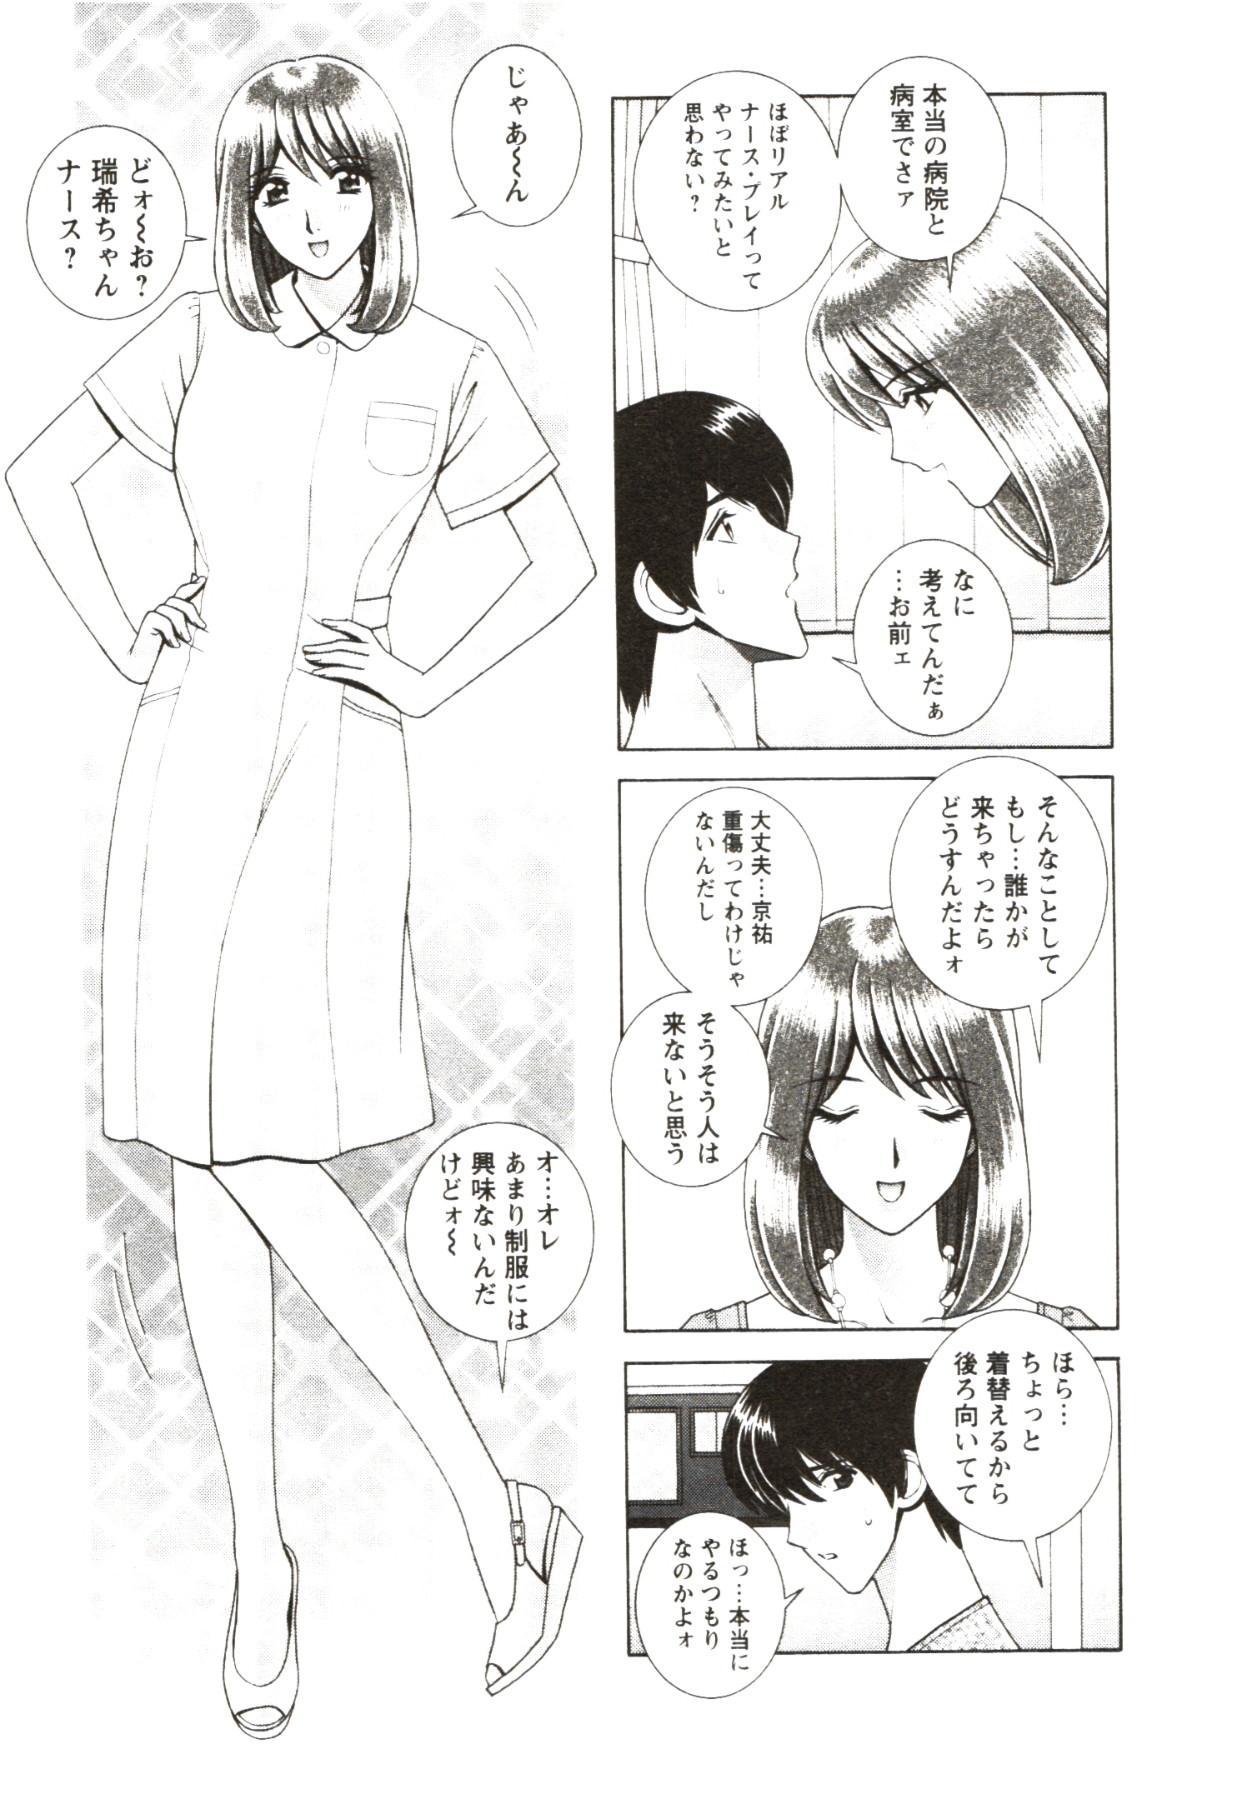 Futarigurashi 138